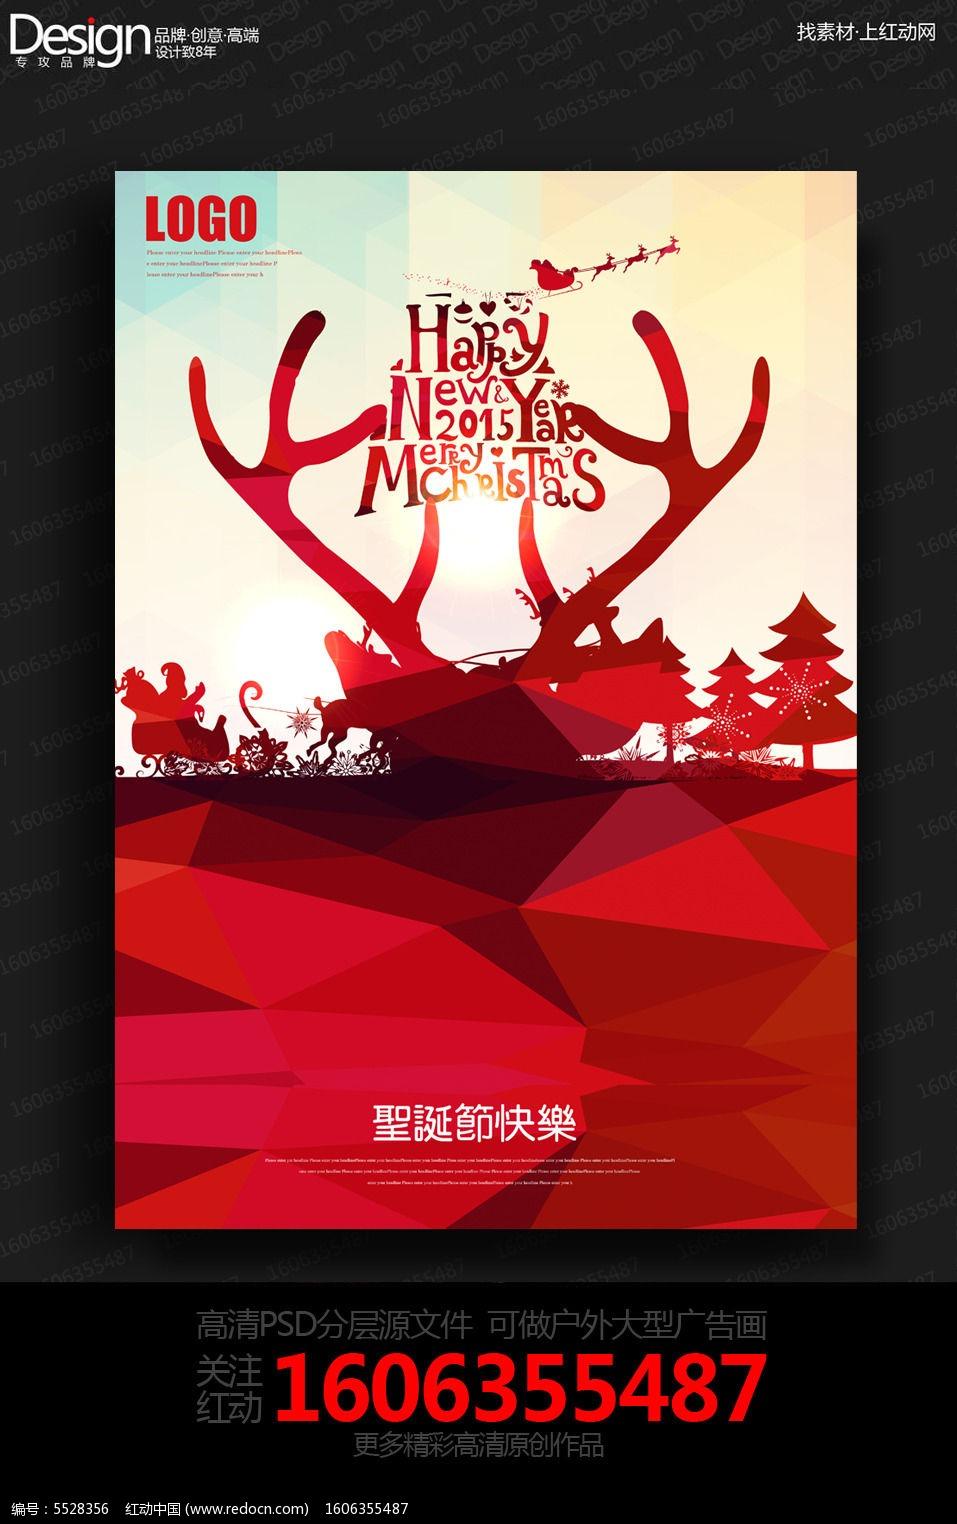 国外创意圣诞节宣传海报设计图片